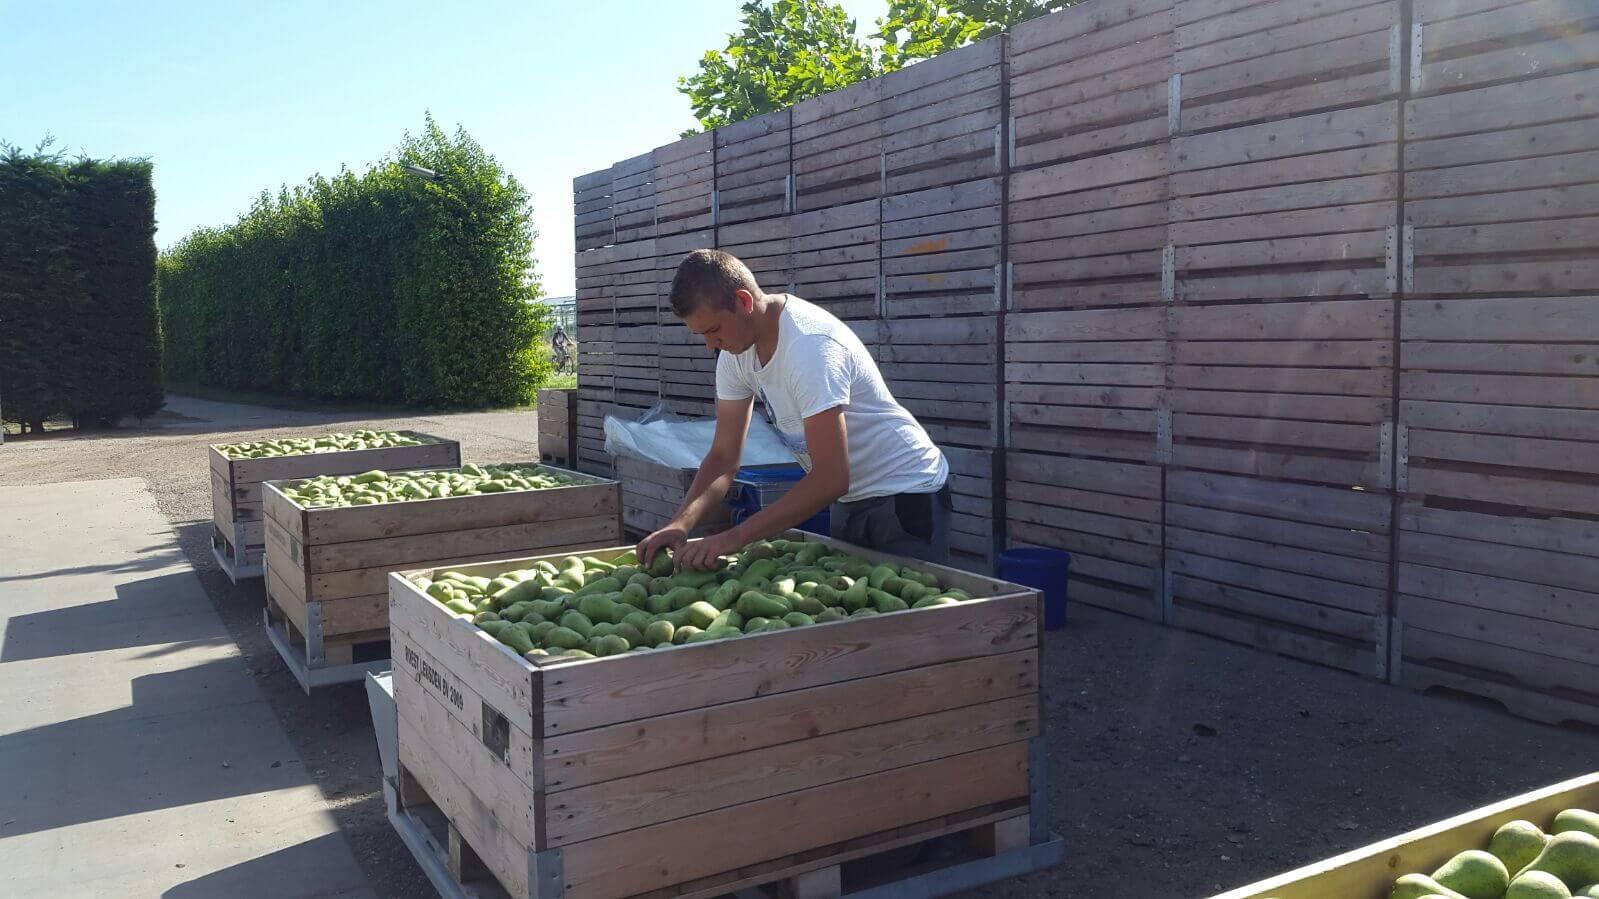 Fruitbedrijf Van den Berge_02